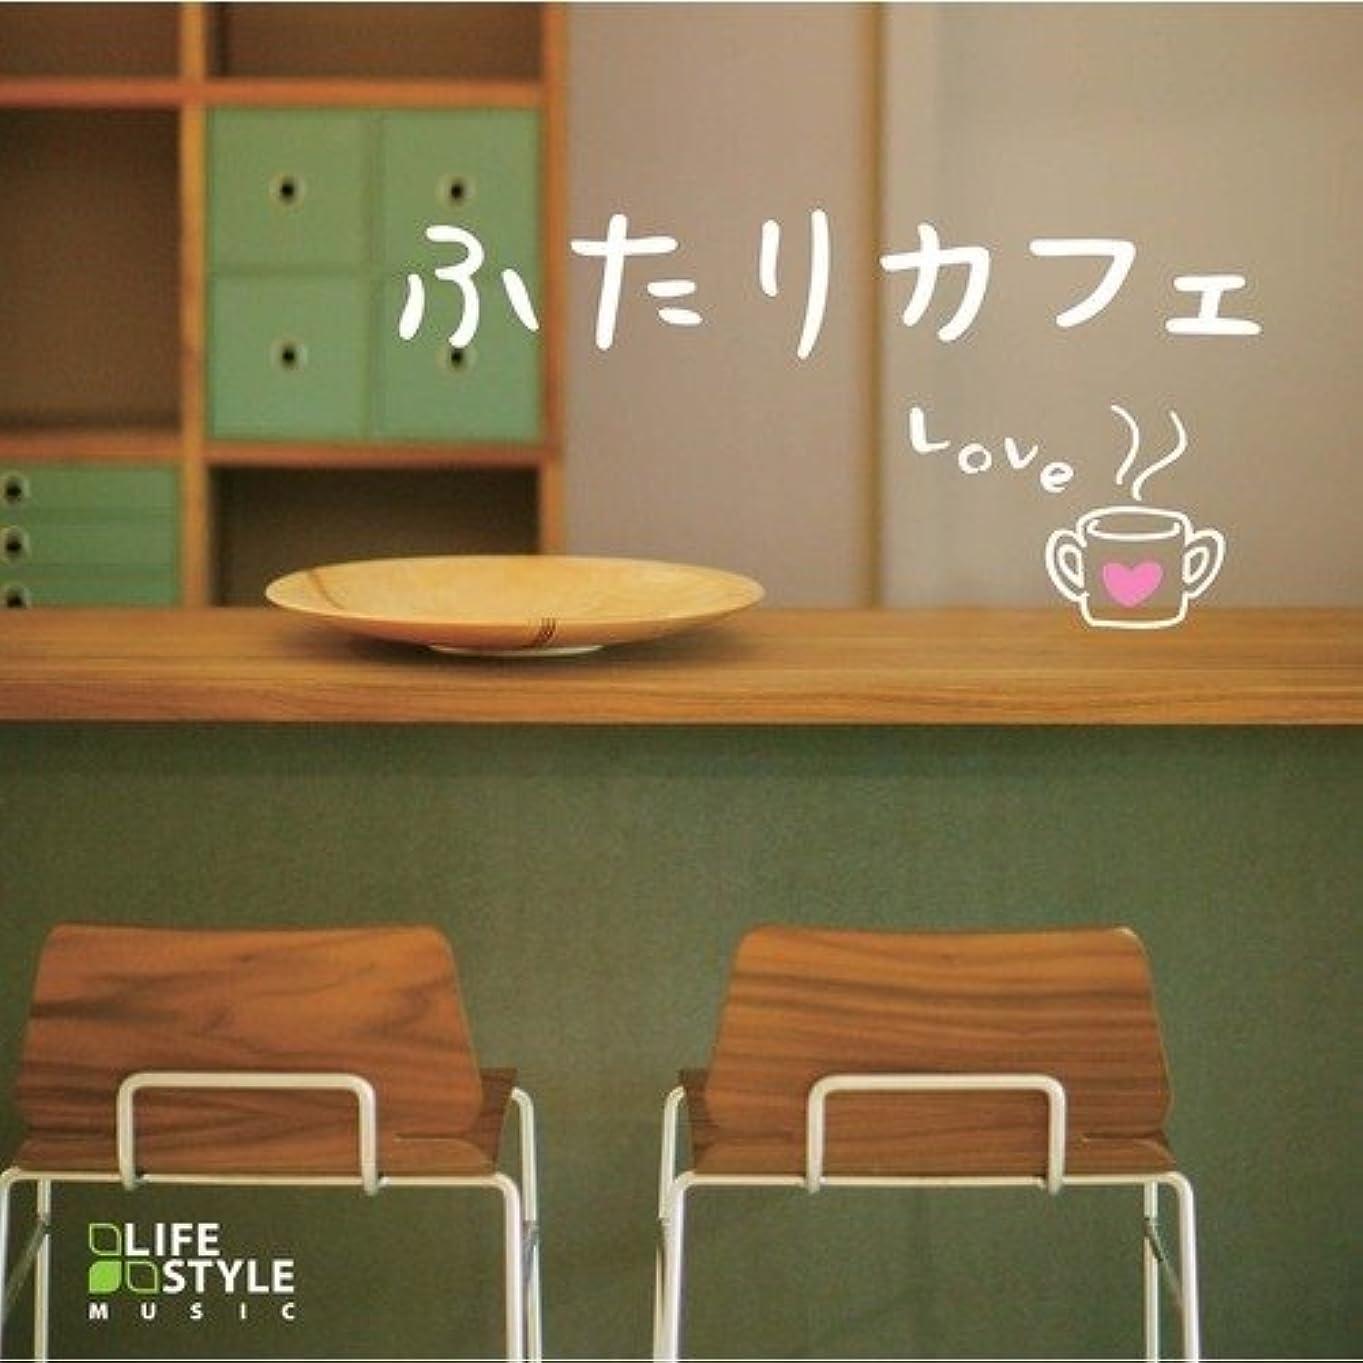 気づかないアーティファクト出身地デラ ふたりカフェ?LOVE DLDH-1858